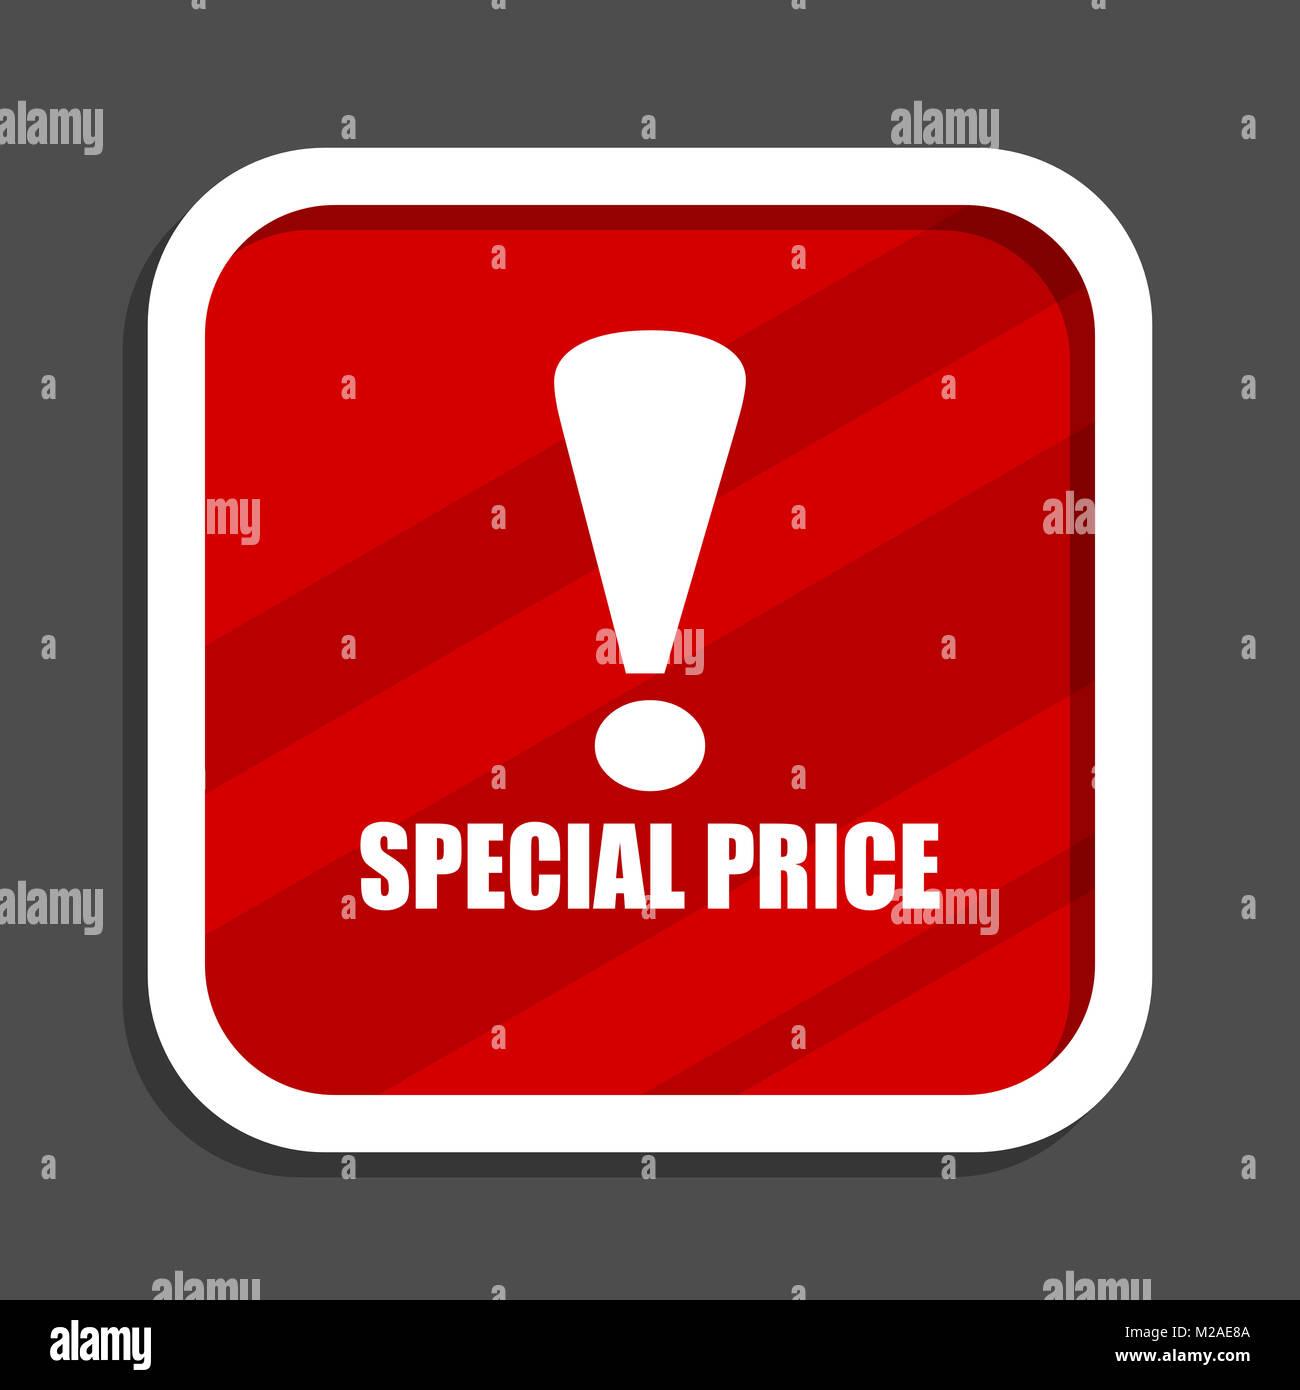 cheap flat stock photos  u0026 cheap flat stock images